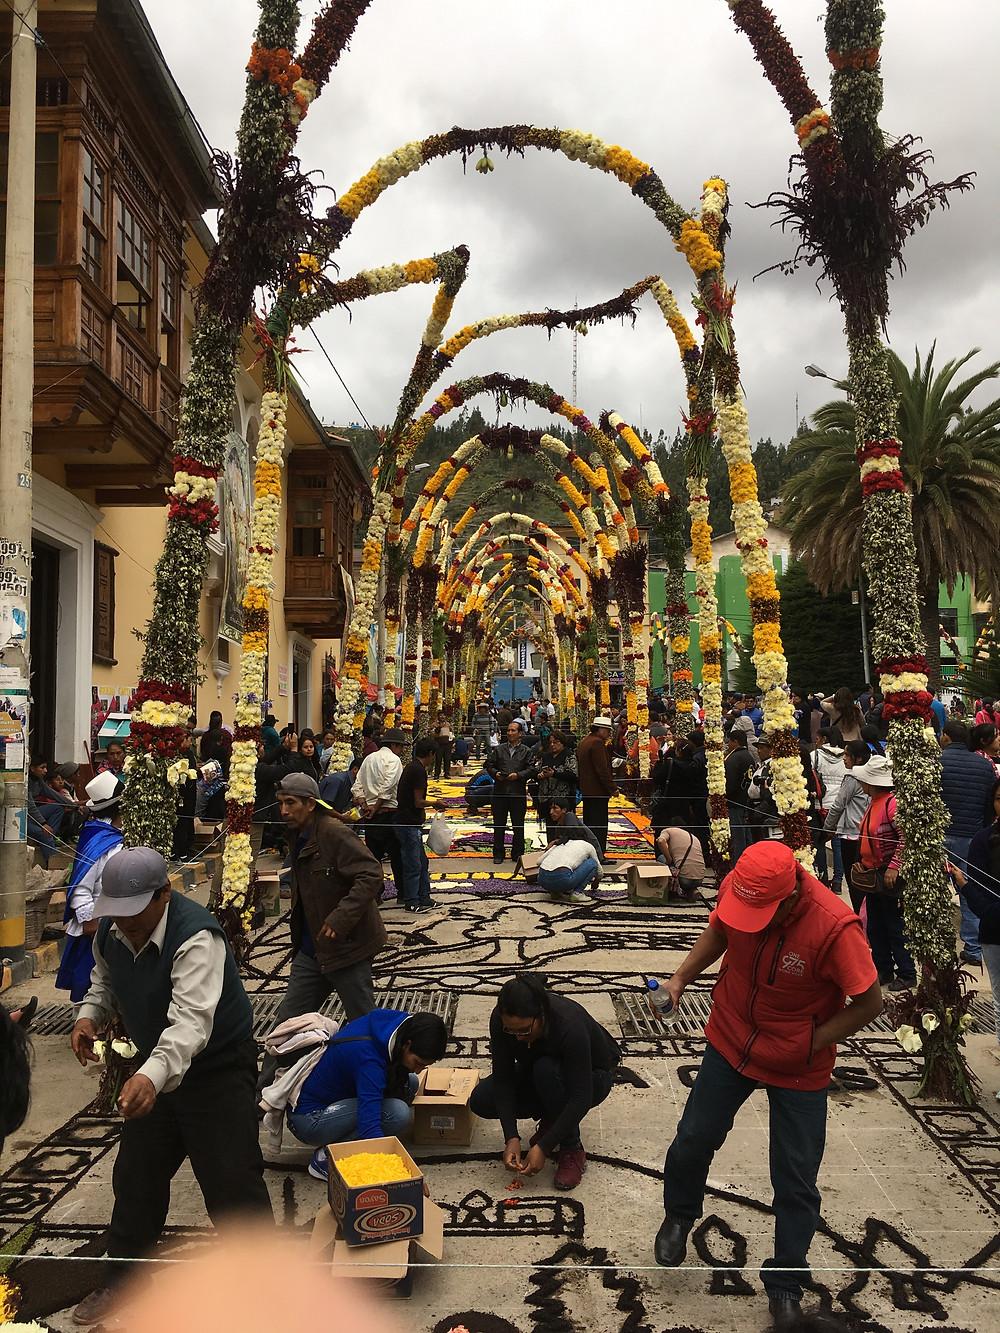 Preparing for Semana Santa in Tarmadata:image/gif;base64,R0lGODlhAQABAPABAP///wAAACH5BAEKAAAALAAAAAABAAEAAAICRAEAOw==